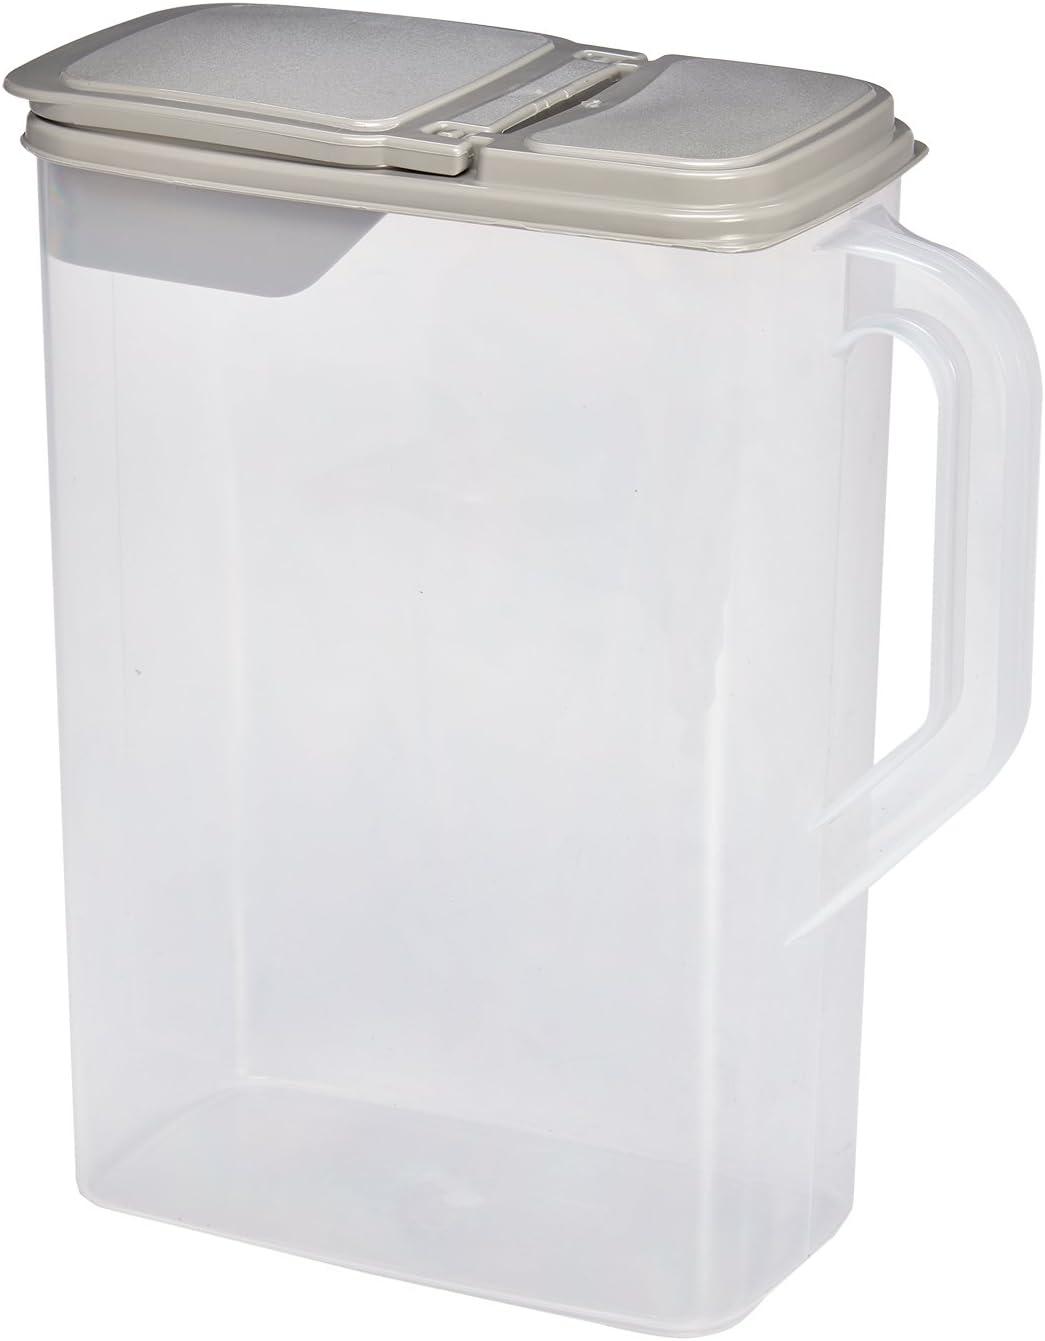 Buddeez 00506G 8 quart Gray Pet Food Dispenser/Lid